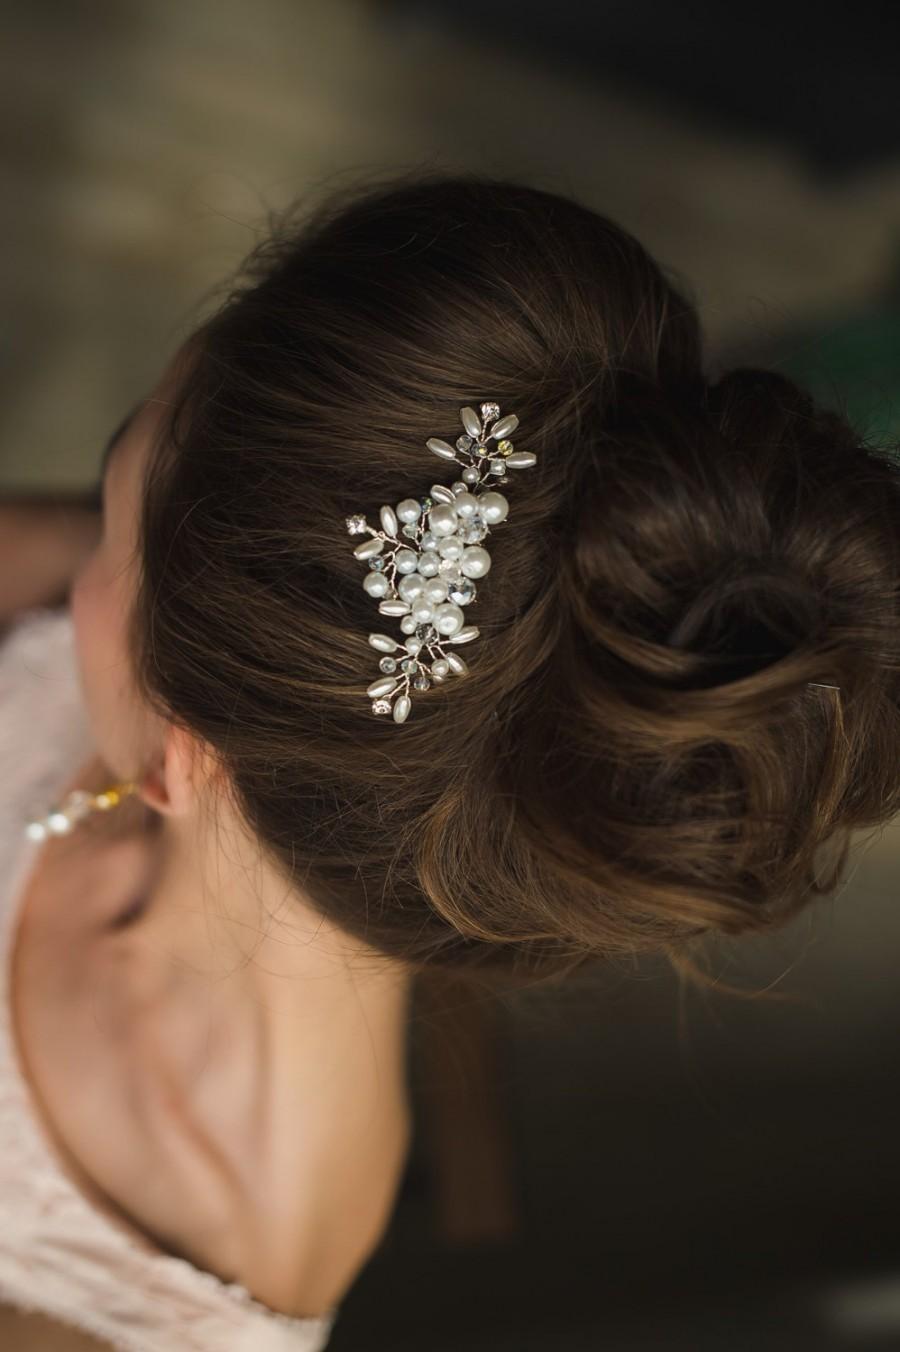 Mariage - Bridal Hair Comb, Bridal Headpiece, Hair accessory, Wedding Hair Comb, Bridal hair piece, bridal hair accessory, pearl comb, bridal crown